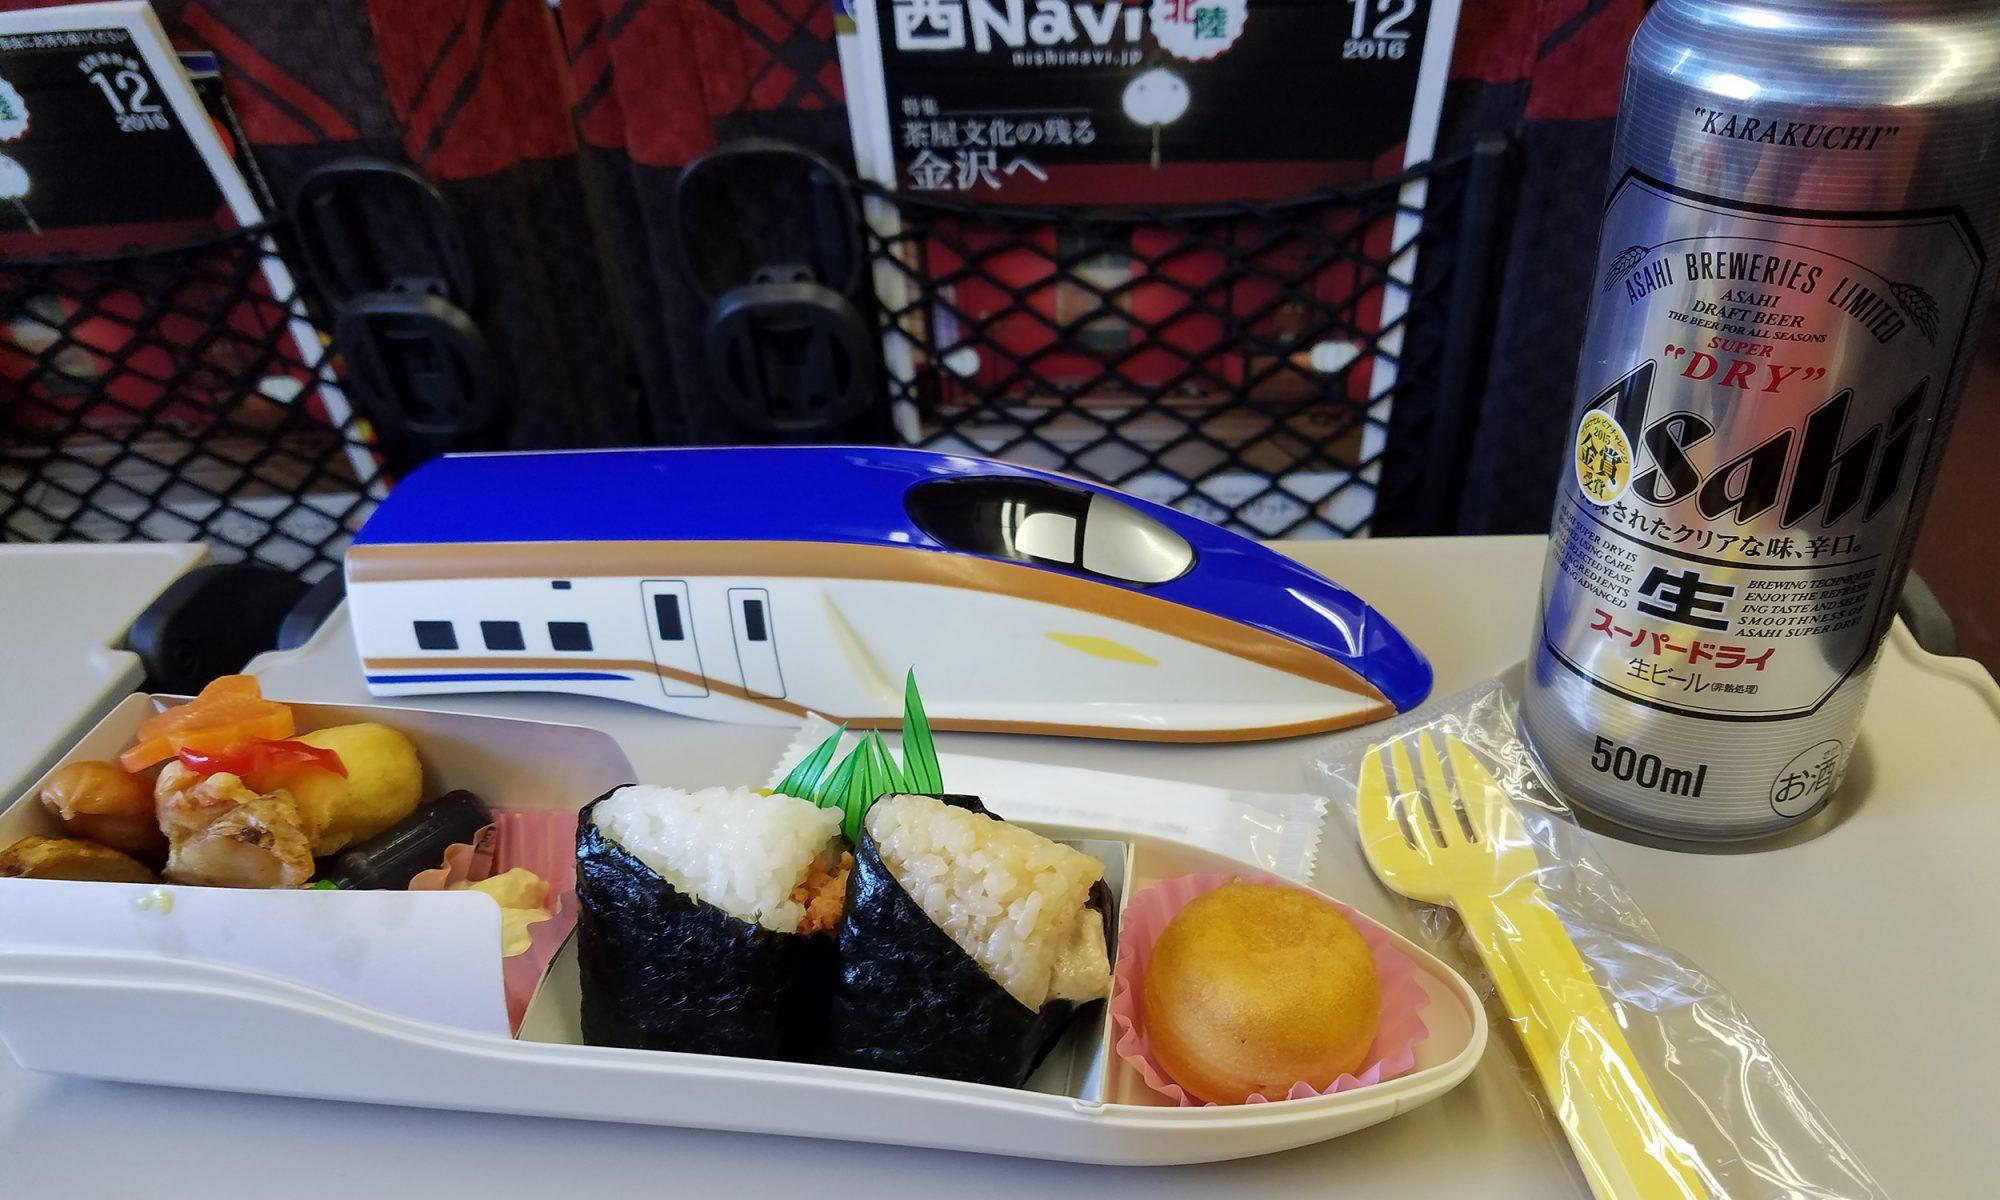 EC: Breakfast in Japan: An Unofficial Guide